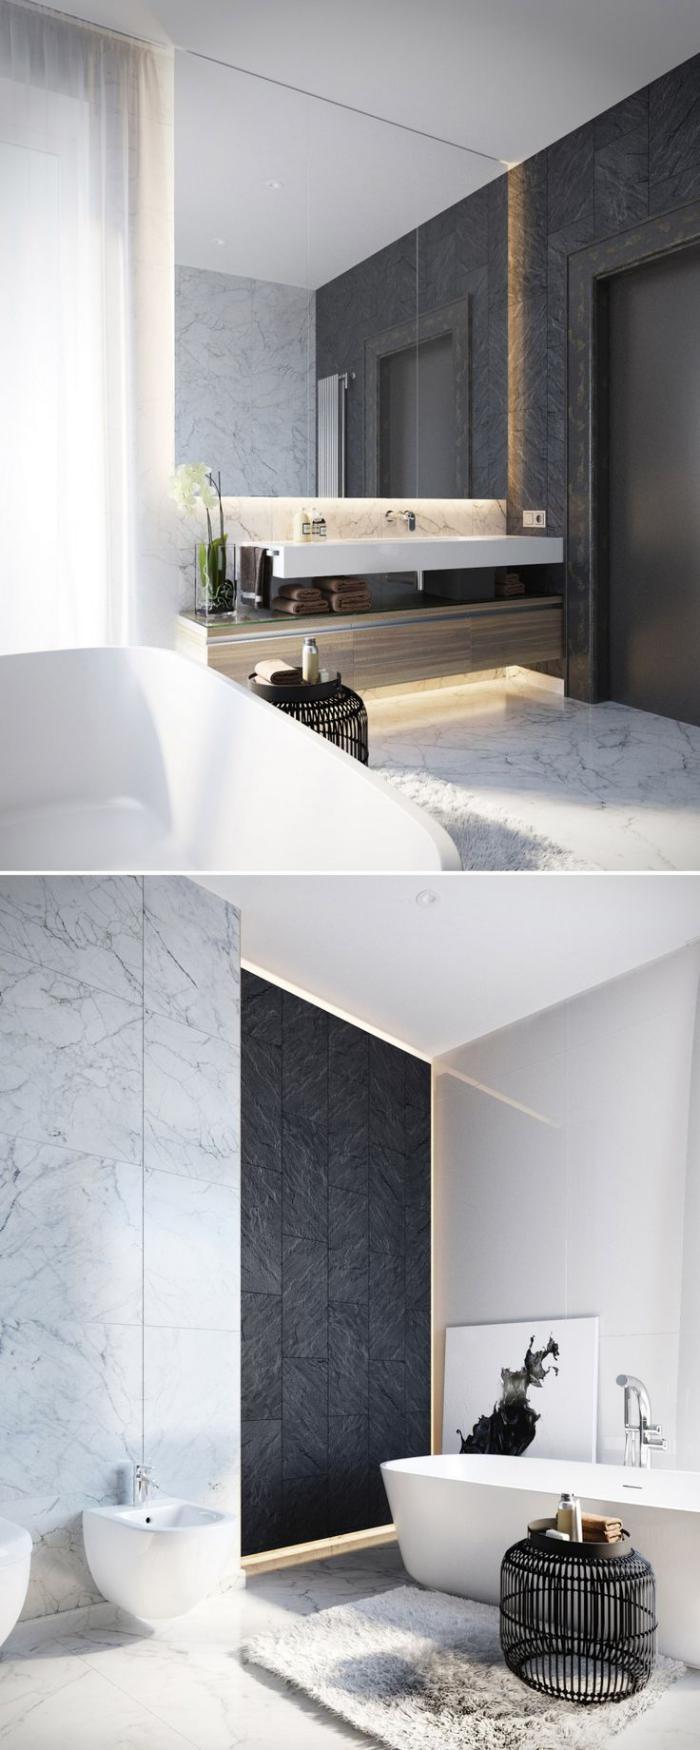 salle-de-bain-de-reve-déco-salle-de-bain-fantastique